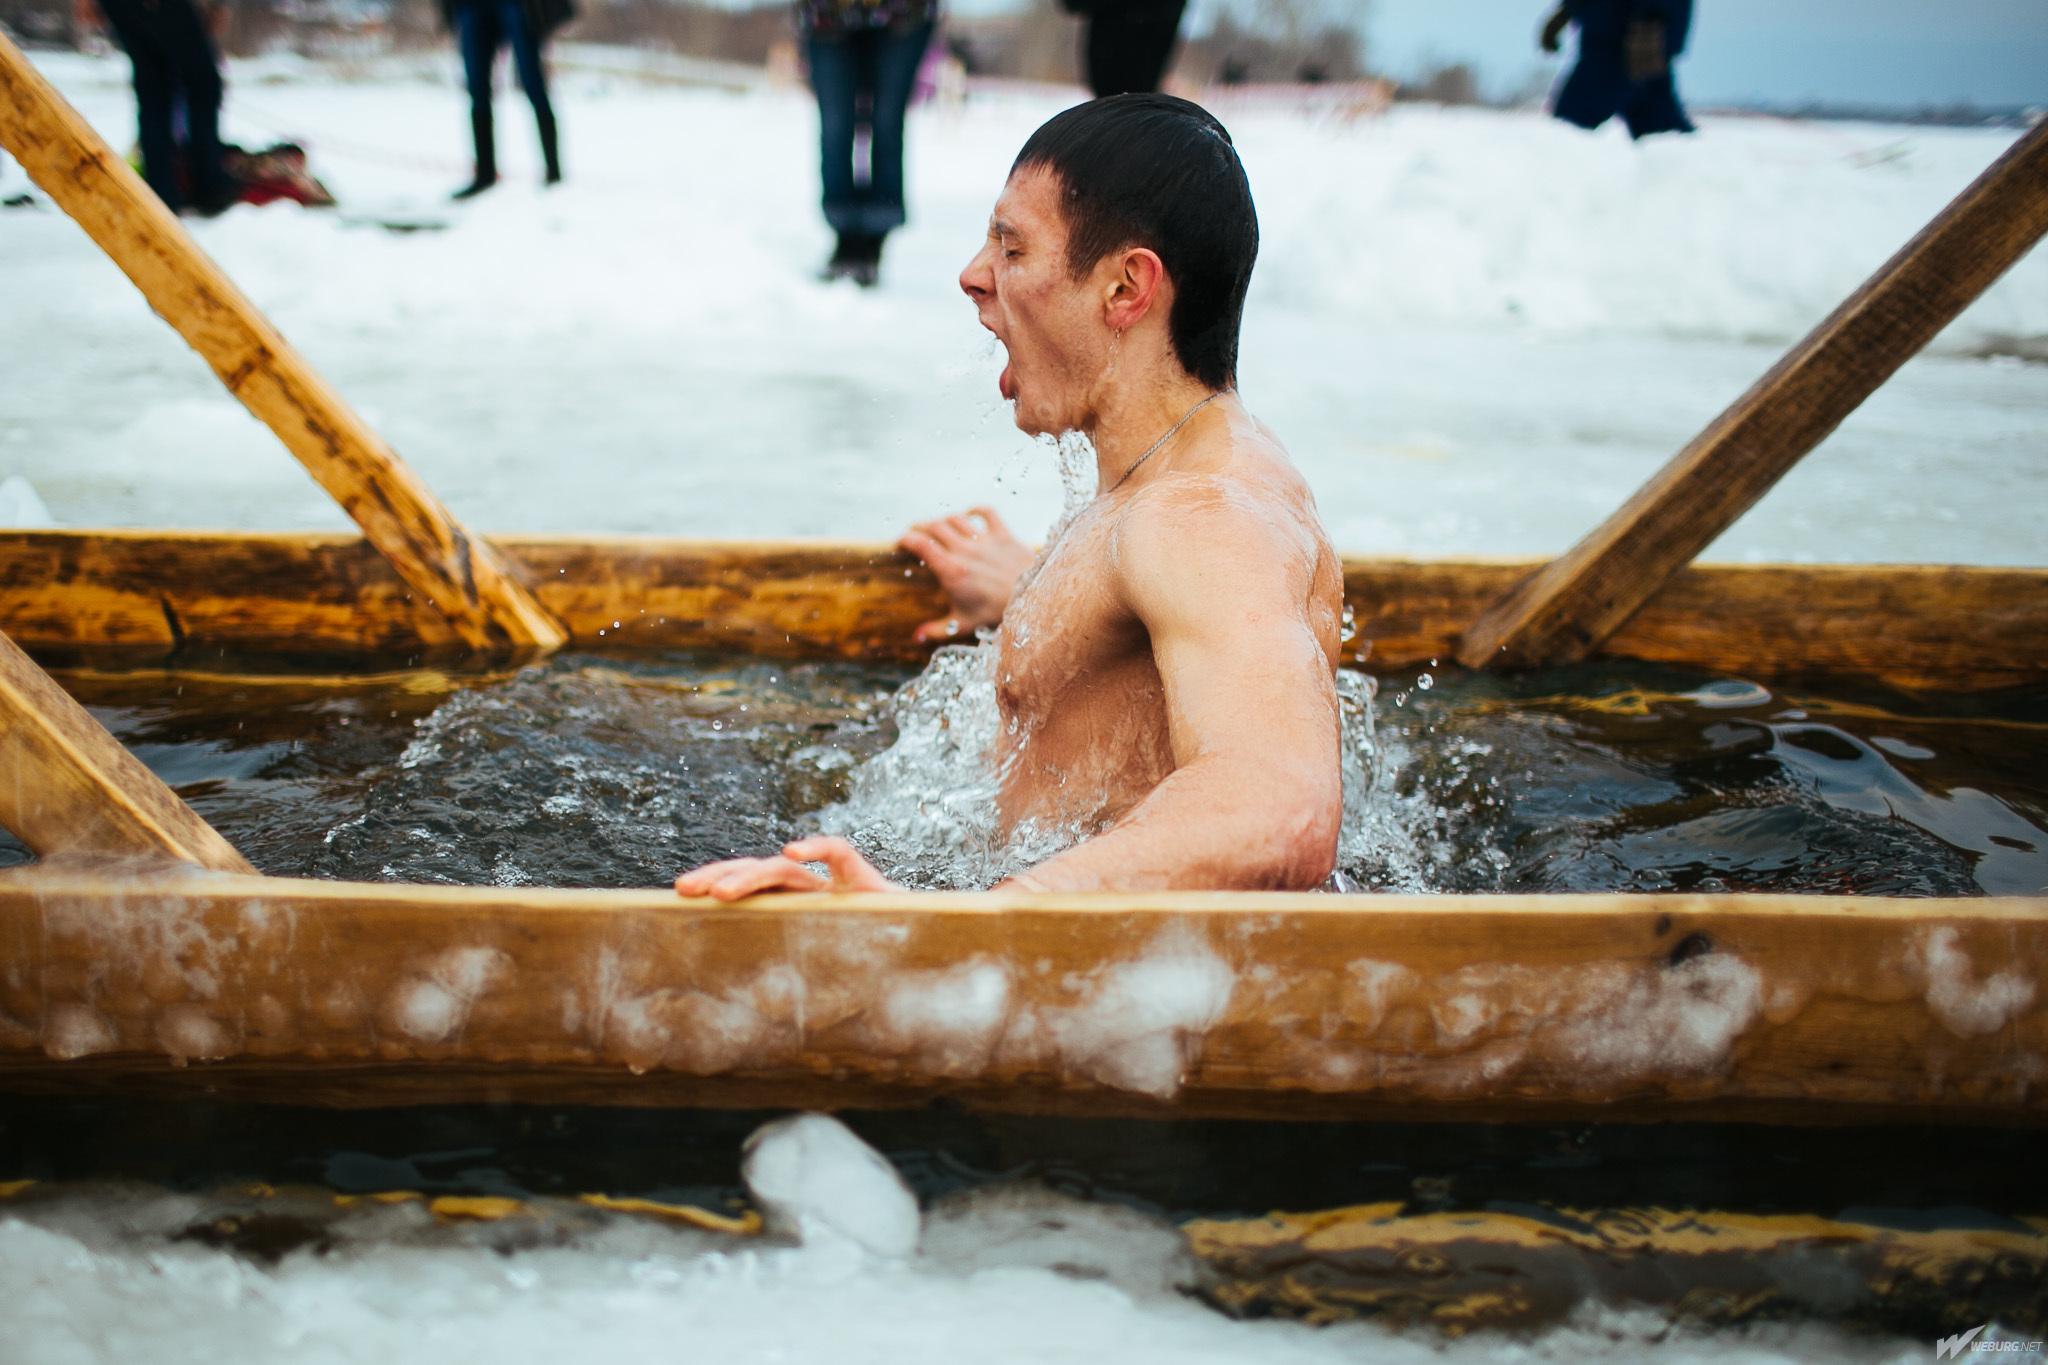 Тверская область готовится к проведению крещенских купаний